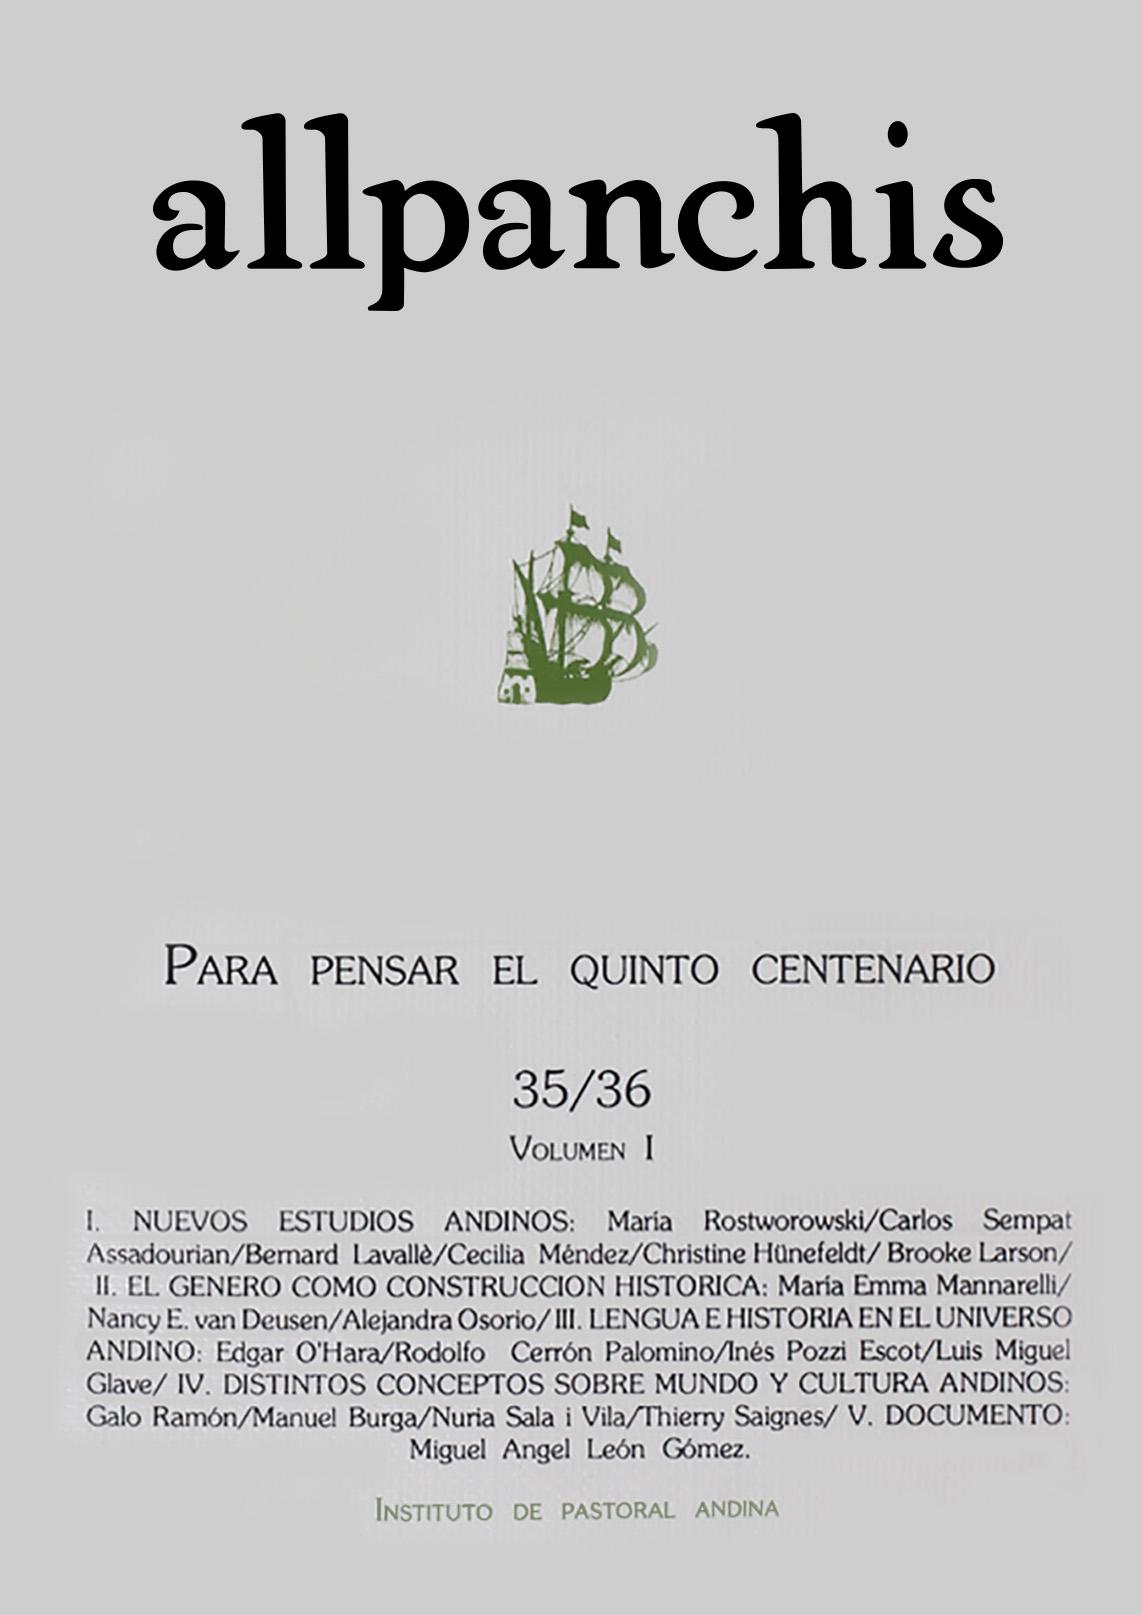 Allpanchis 35/36 (vol. 1)